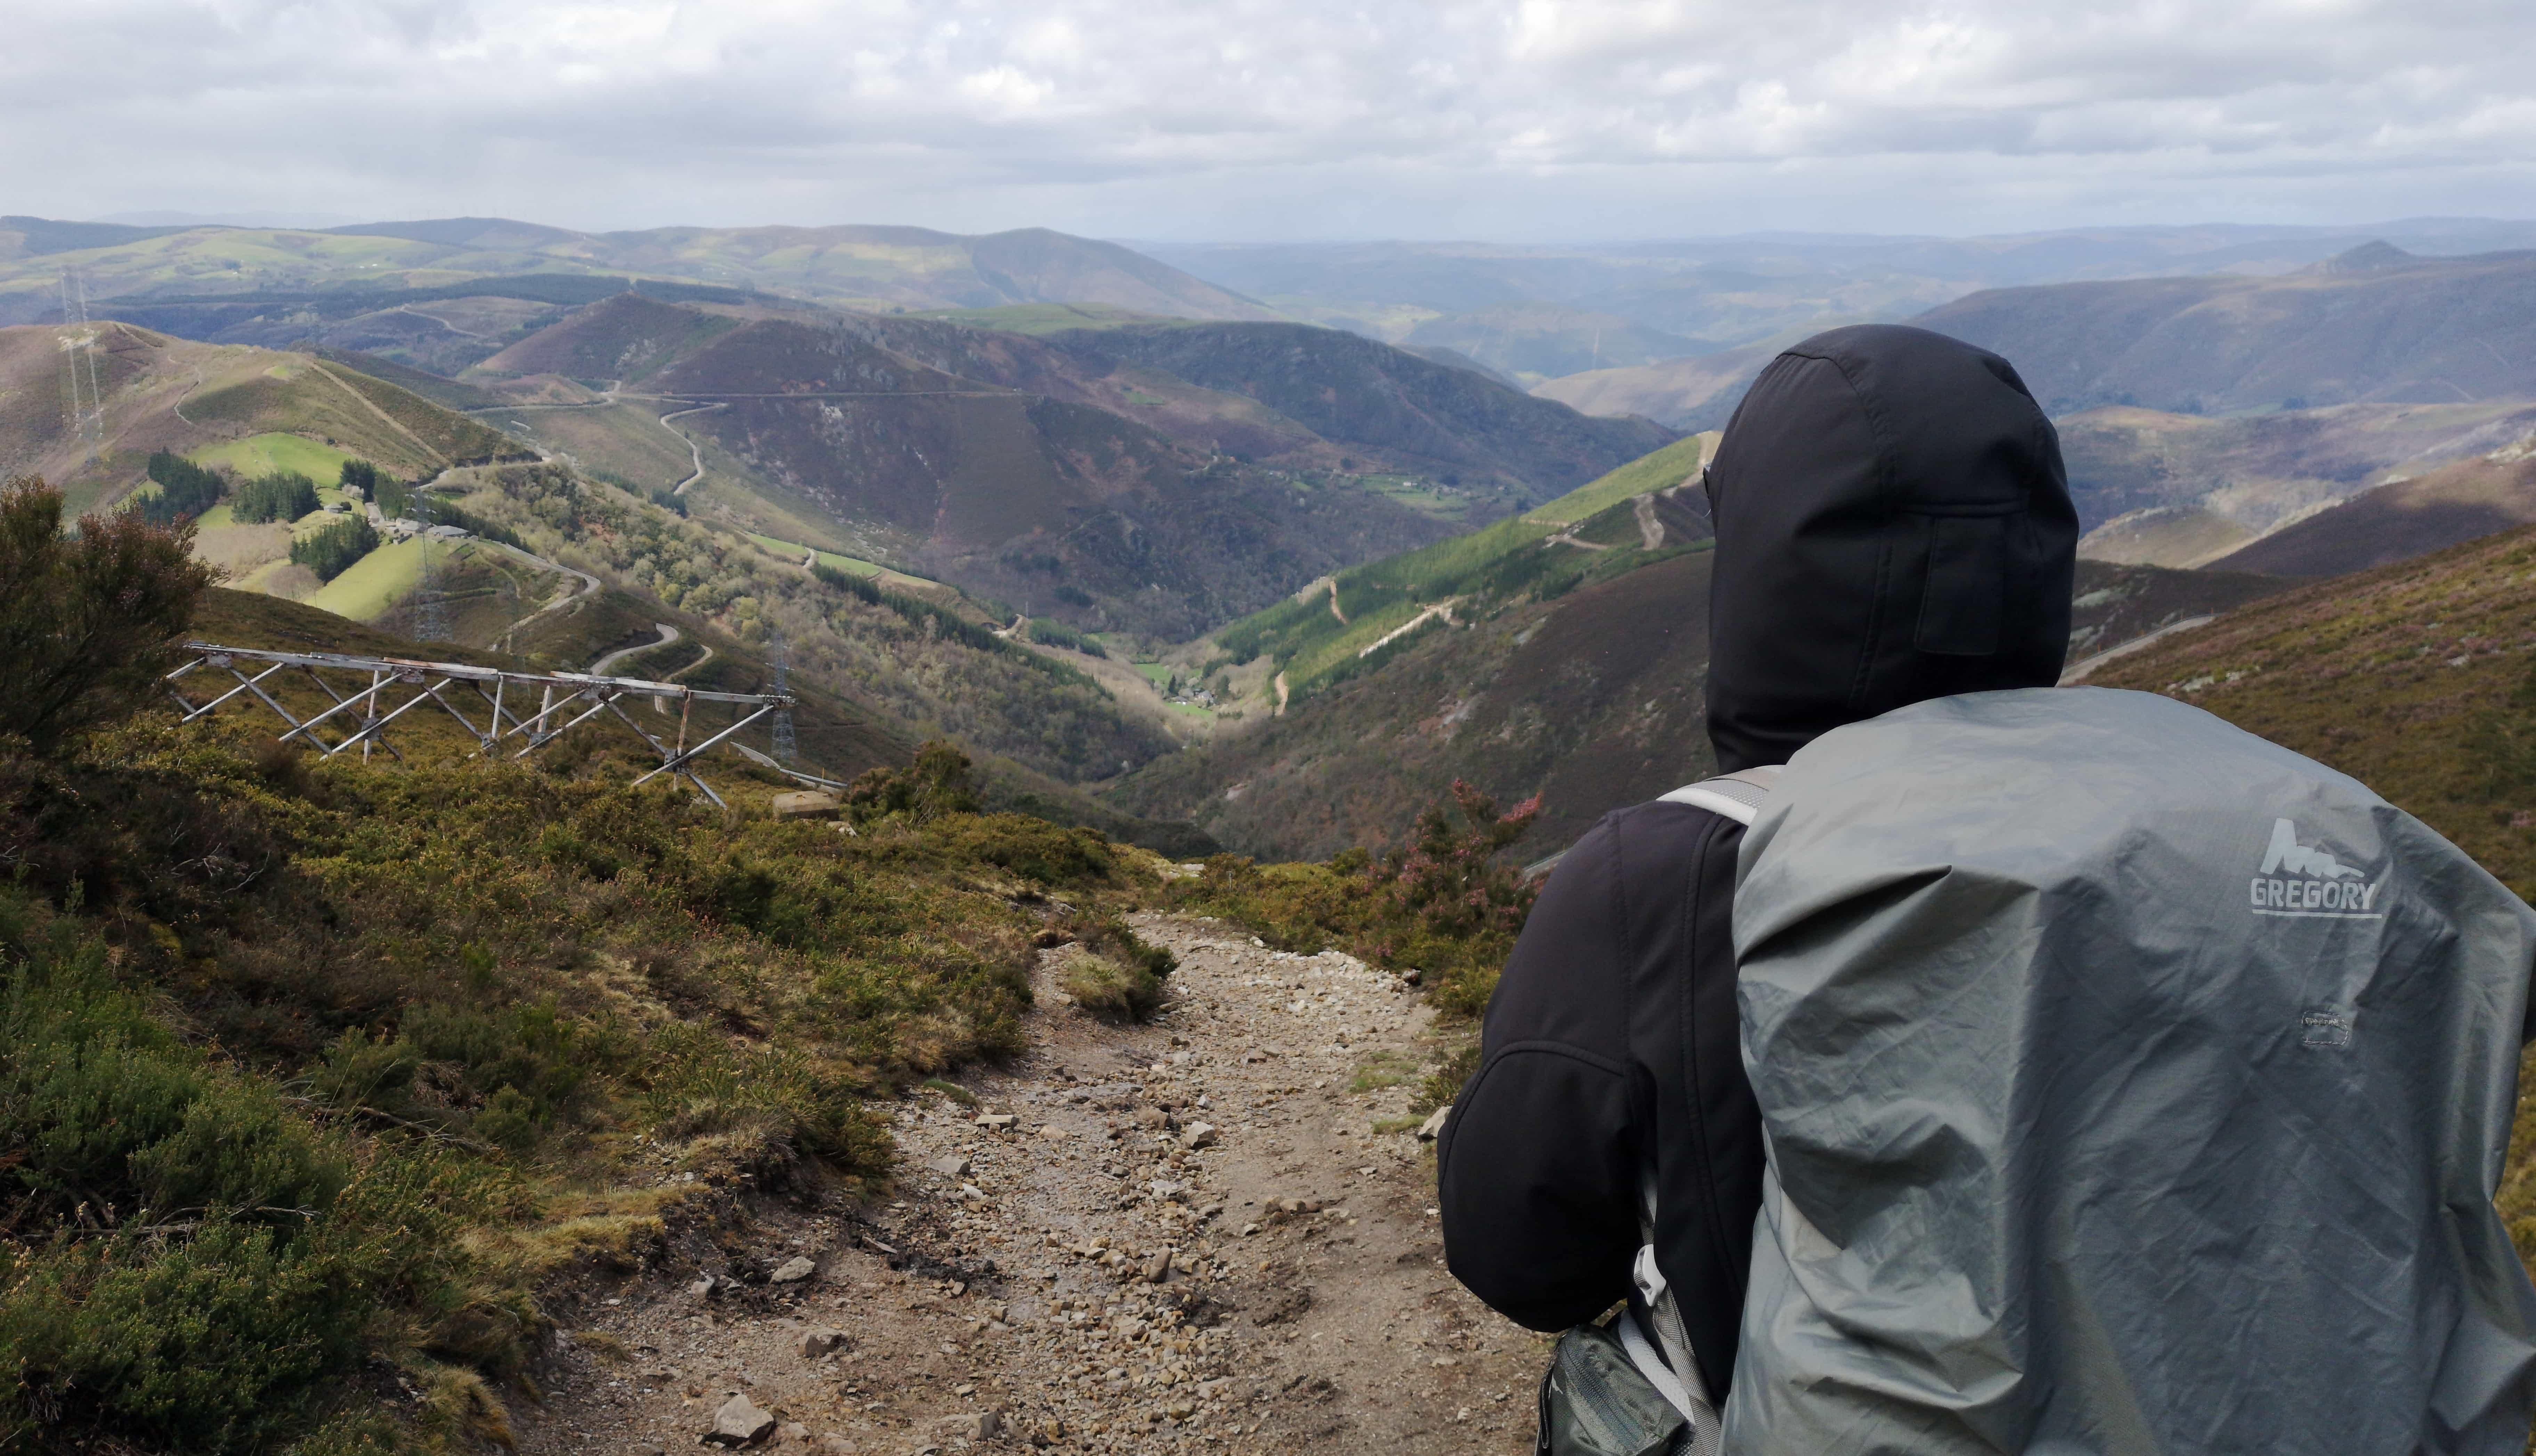 Esther auf dem Weg nach unten auf dem Camino Primitivo